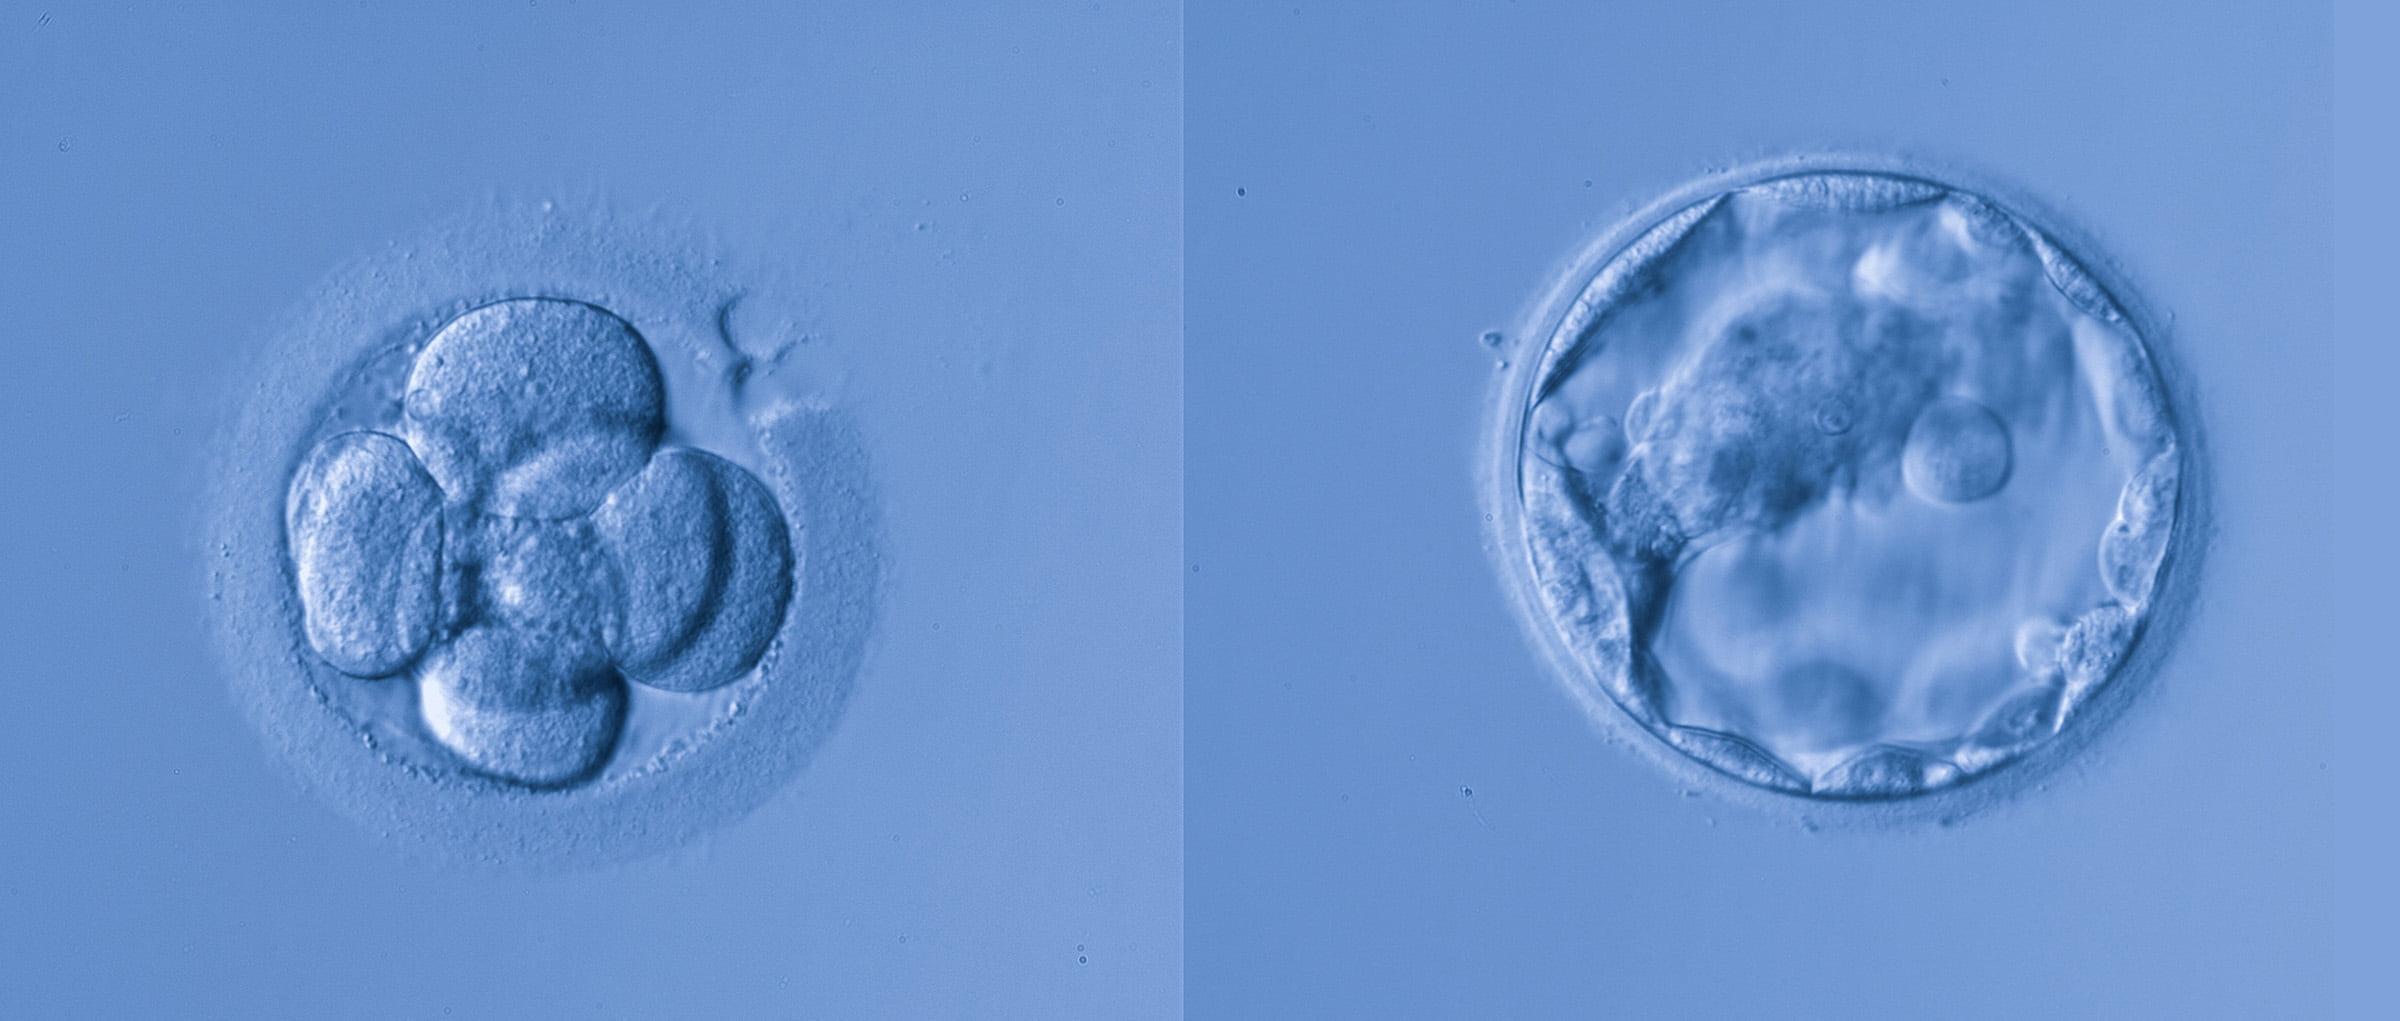 Embryos for transfer